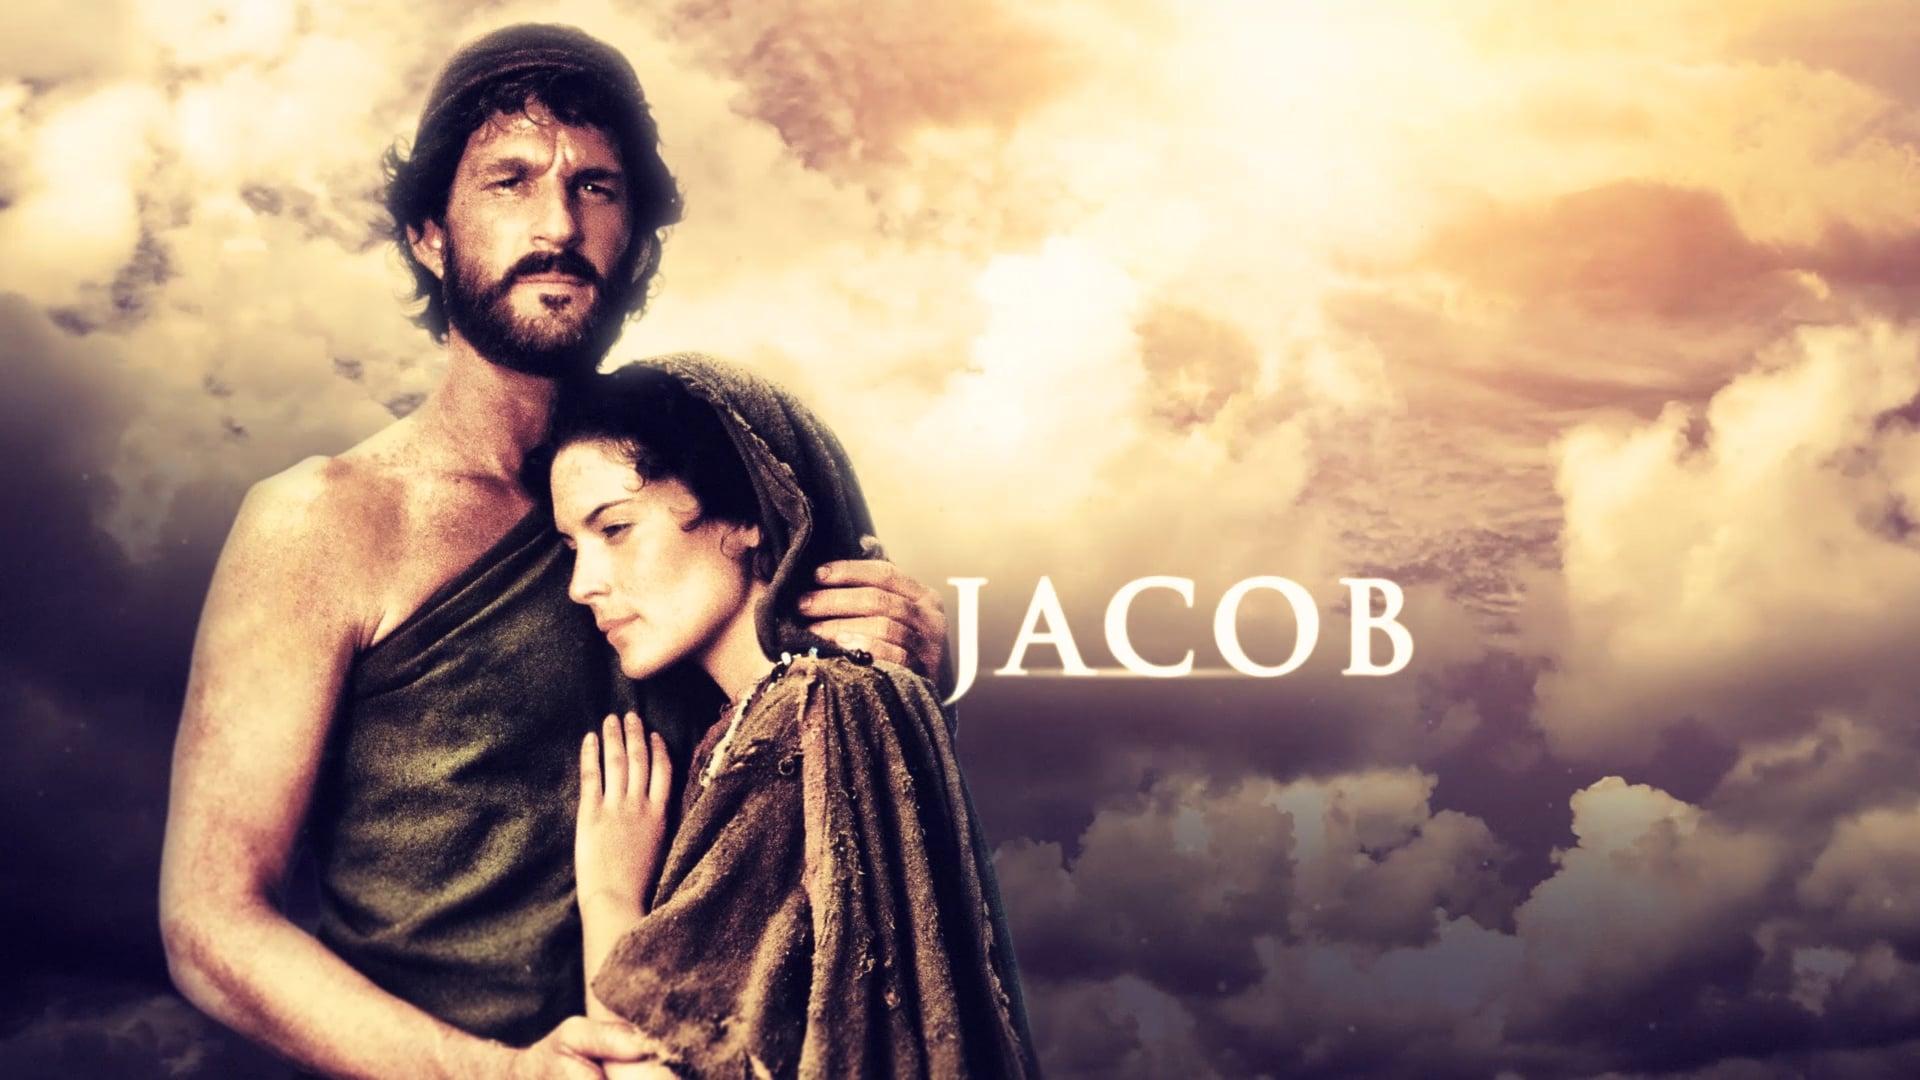 Bible Collection: Jacob